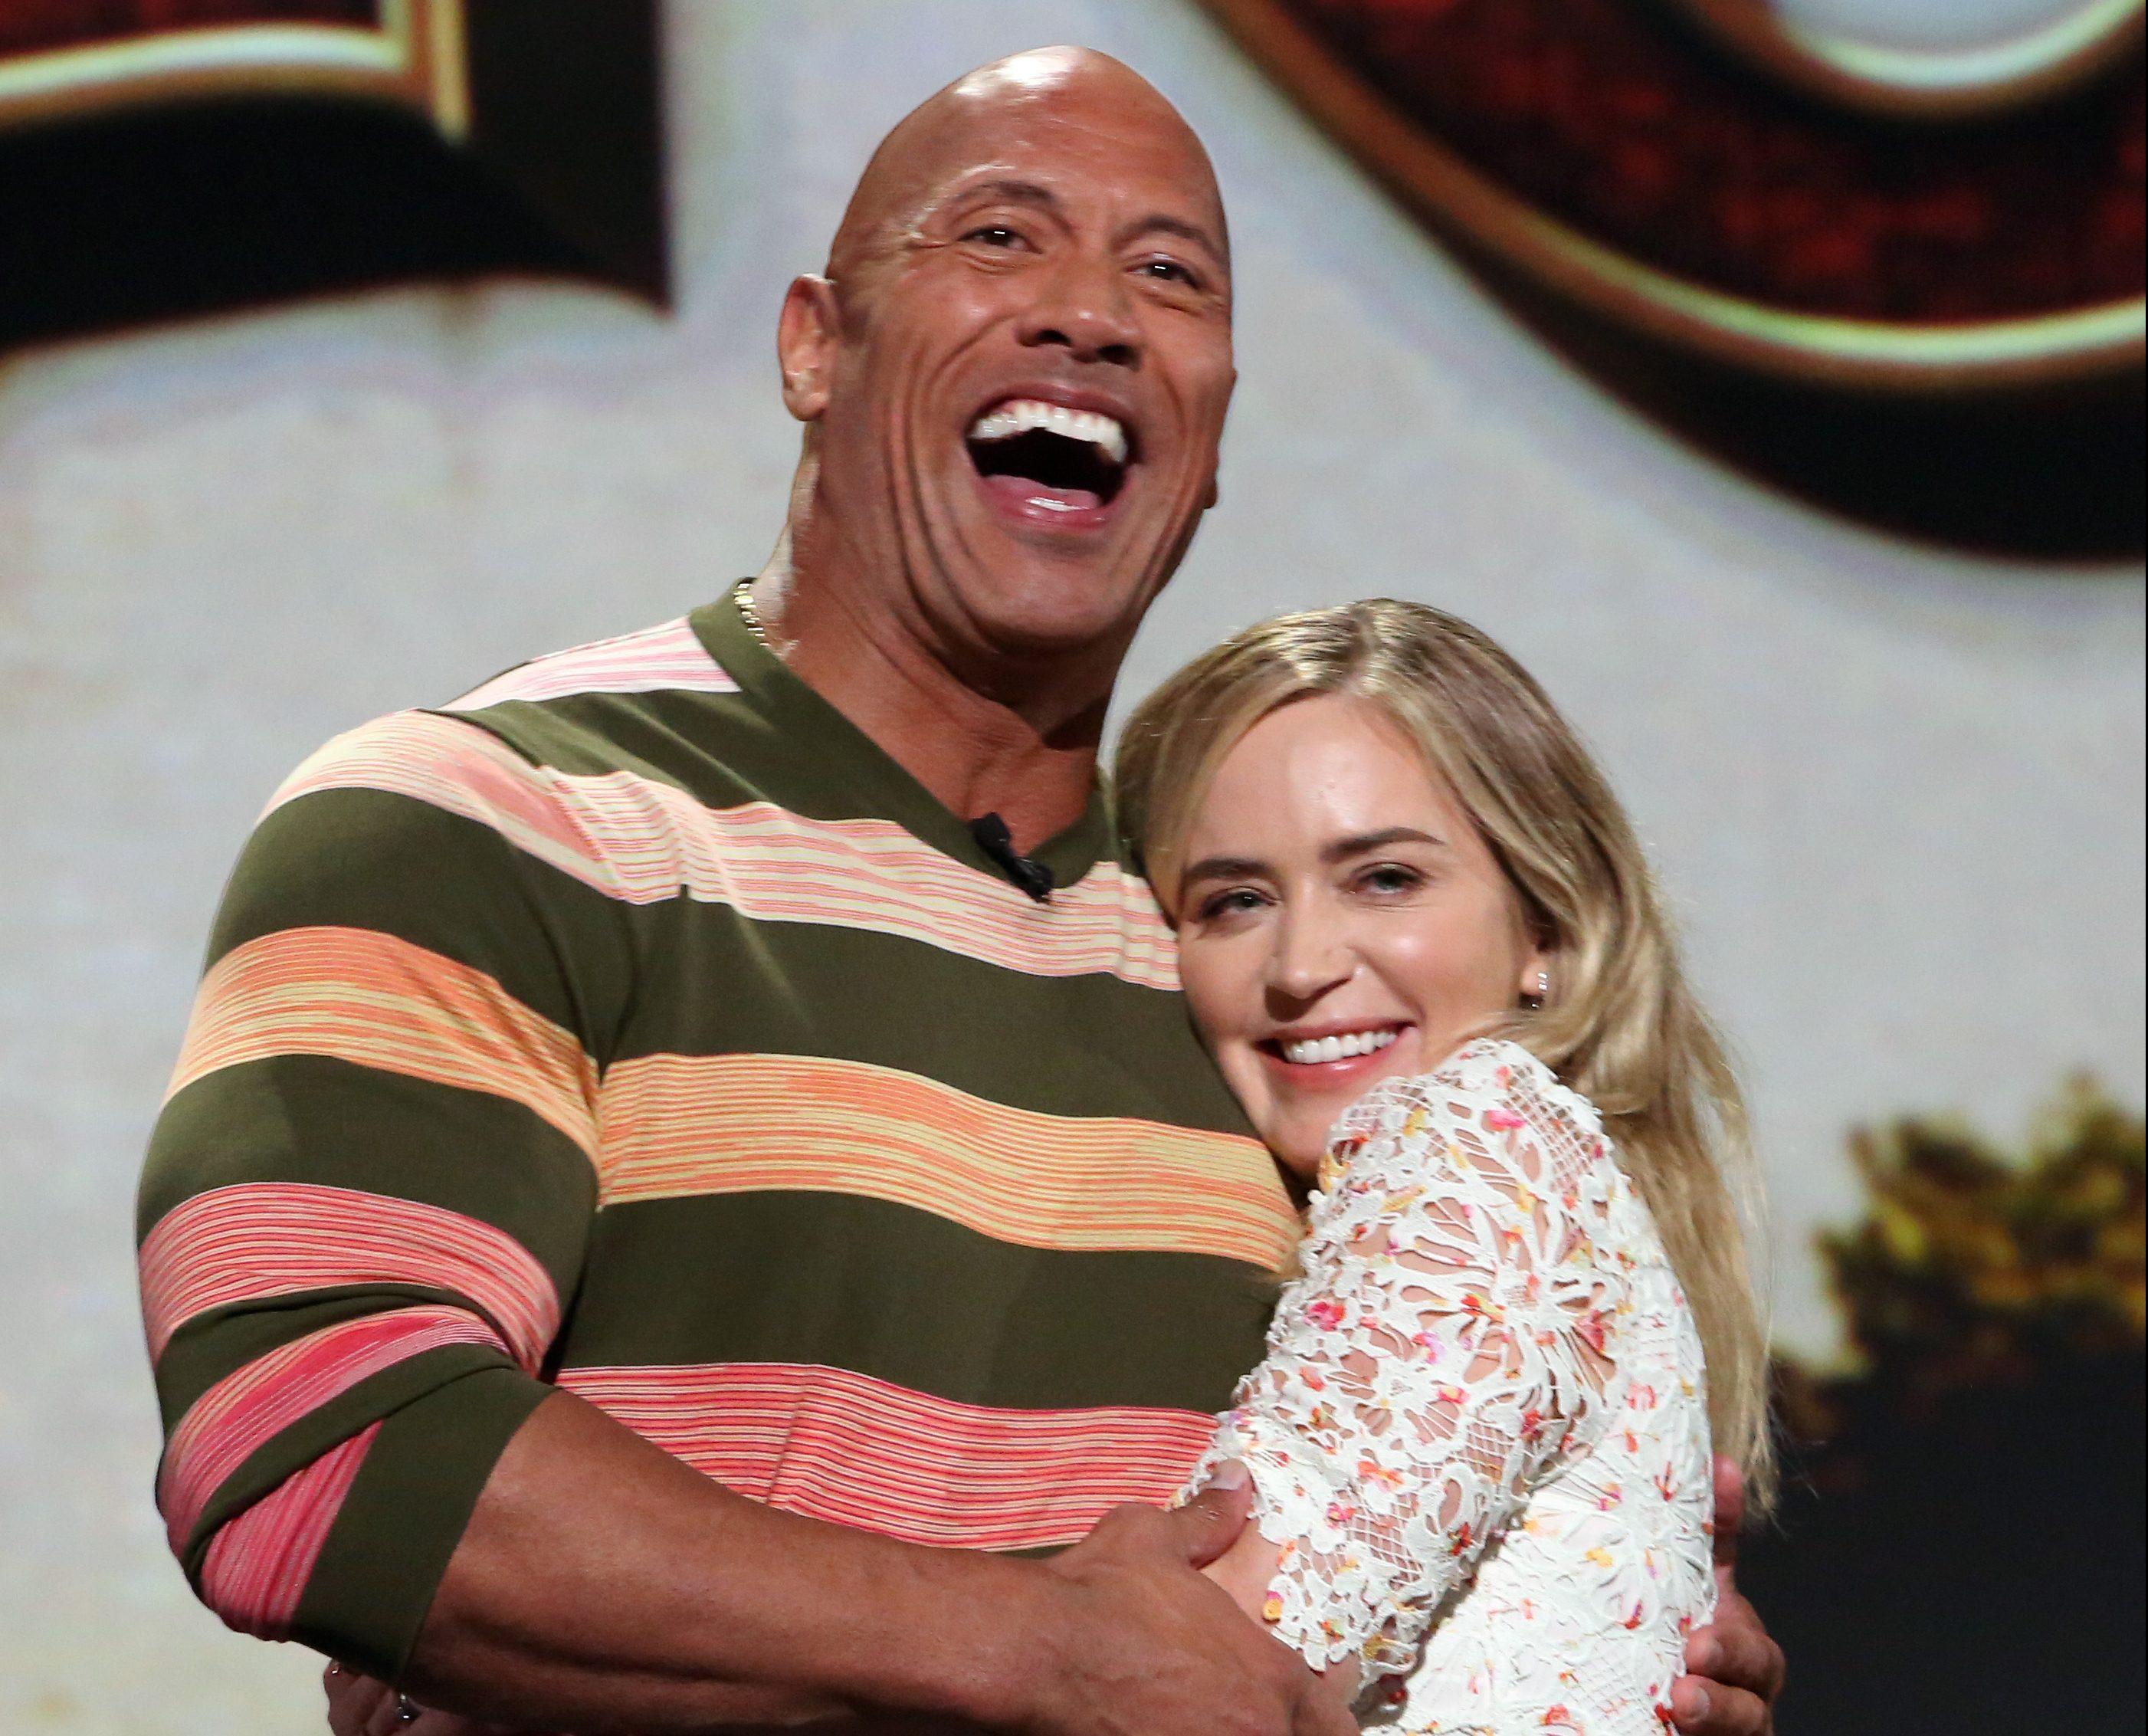 Johnson y Blunt bromearon sobre el escenario. / Foto: Getty Images